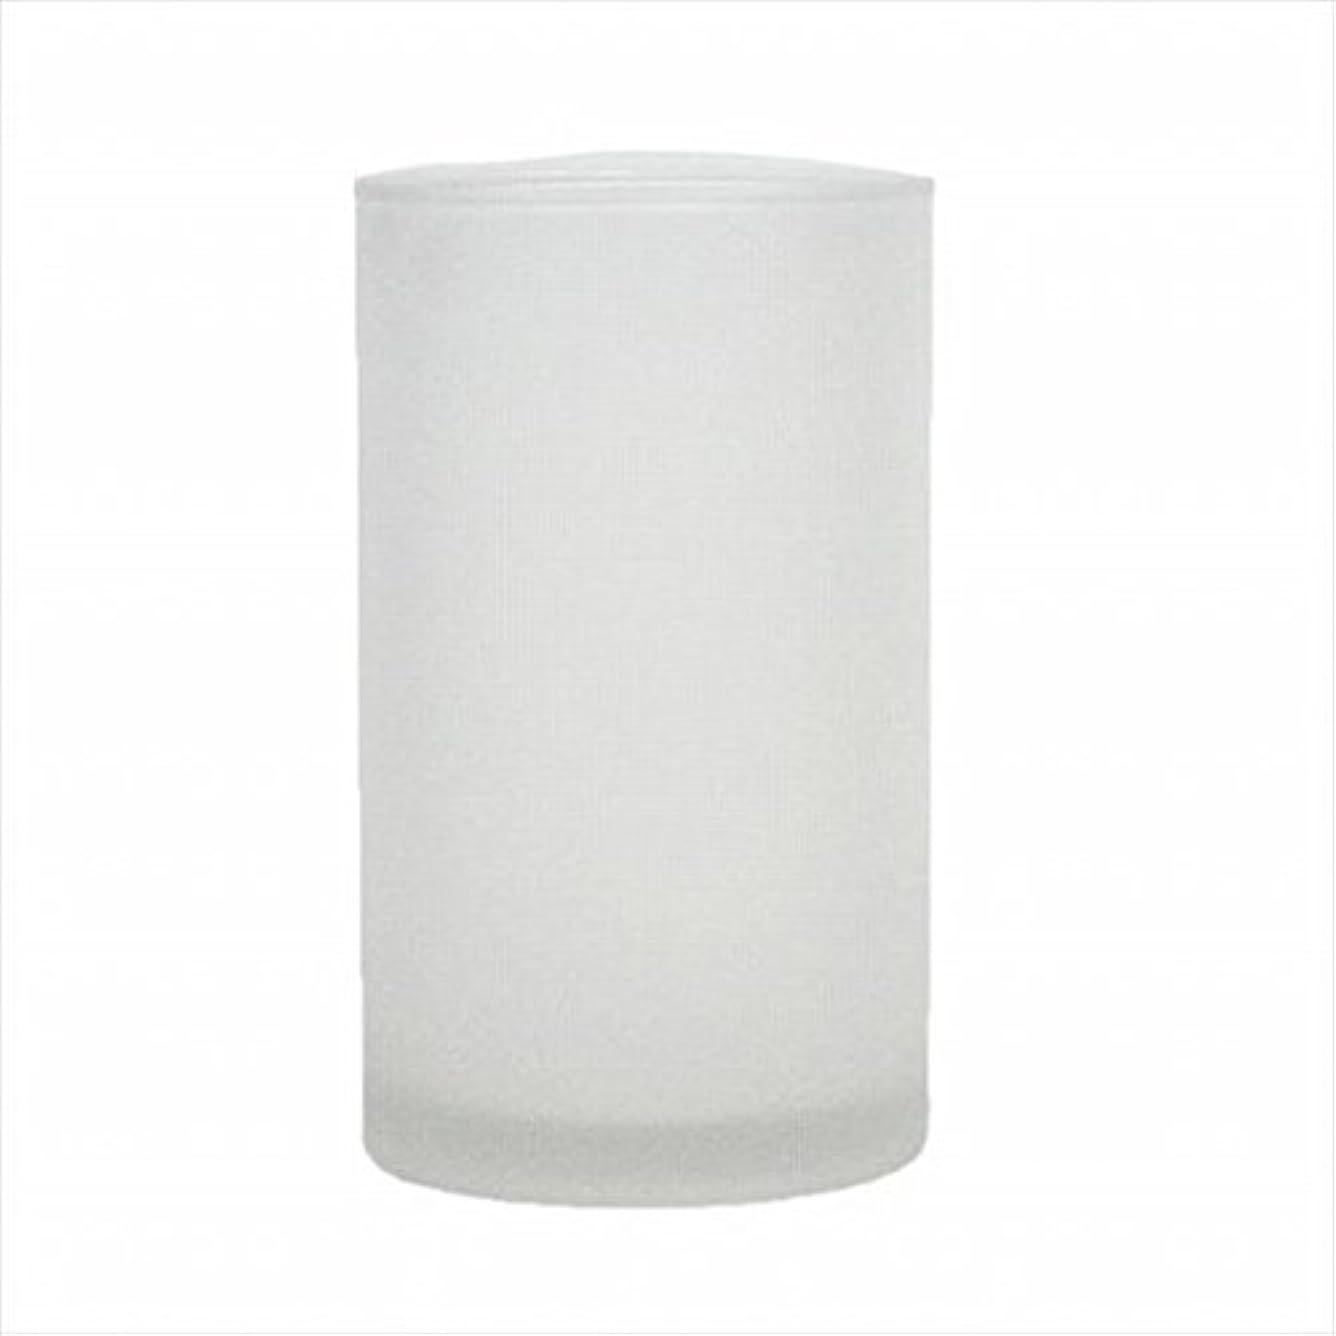 騒調べるリマークkameyama candle(カメヤマキャンドル) モルカグラスSフロスト キャンドル 90x90x155mm (65980000)